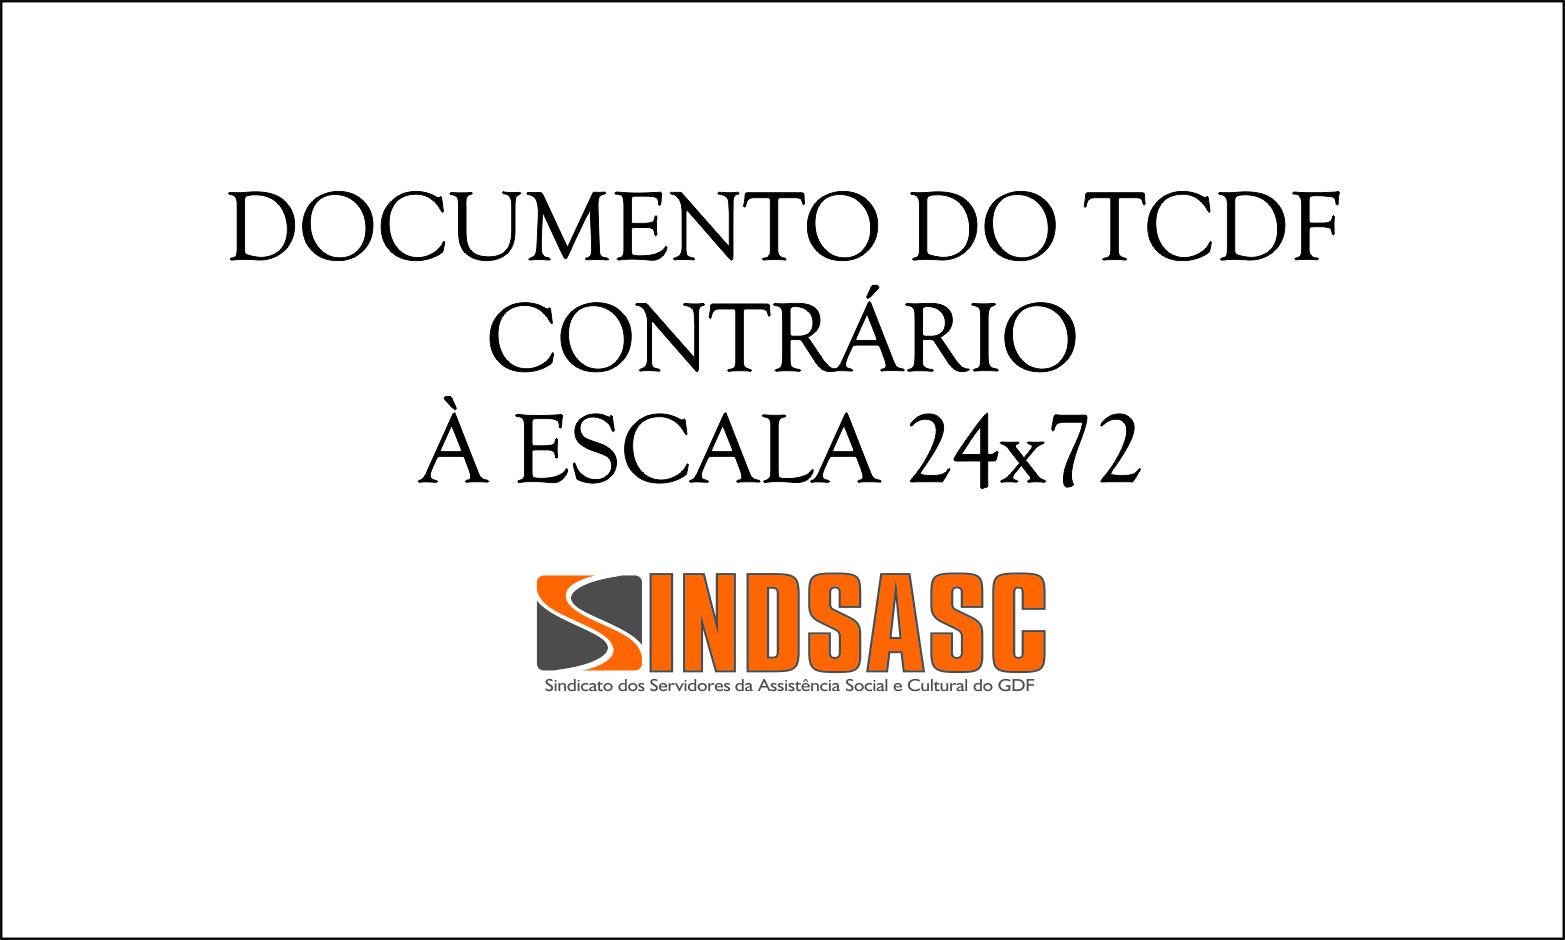 DOCUMENTO DO TCDF CONTRÁRIO À ESCALA 24X72